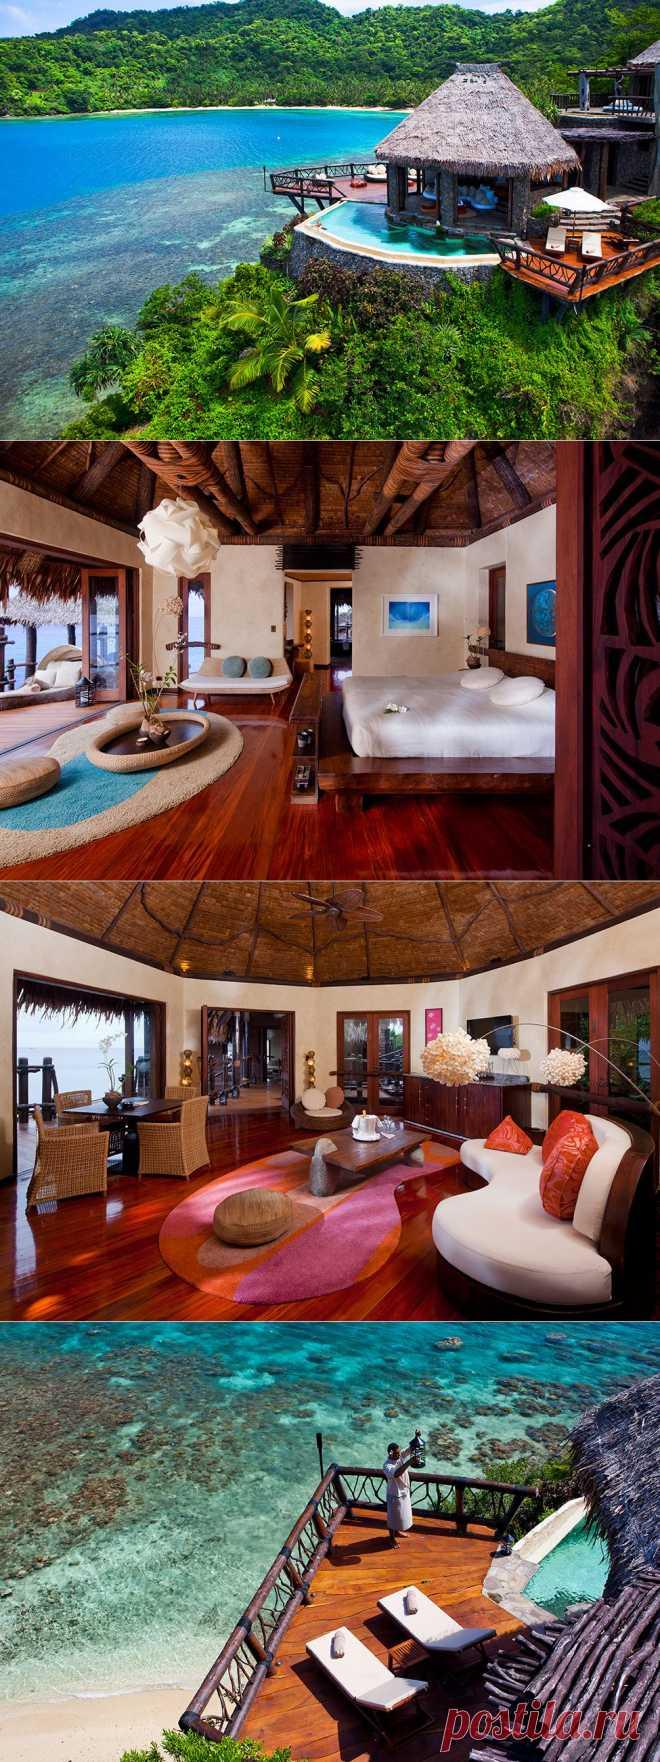 Роскошный отель Laucala на частном острове архипелага Фиджи